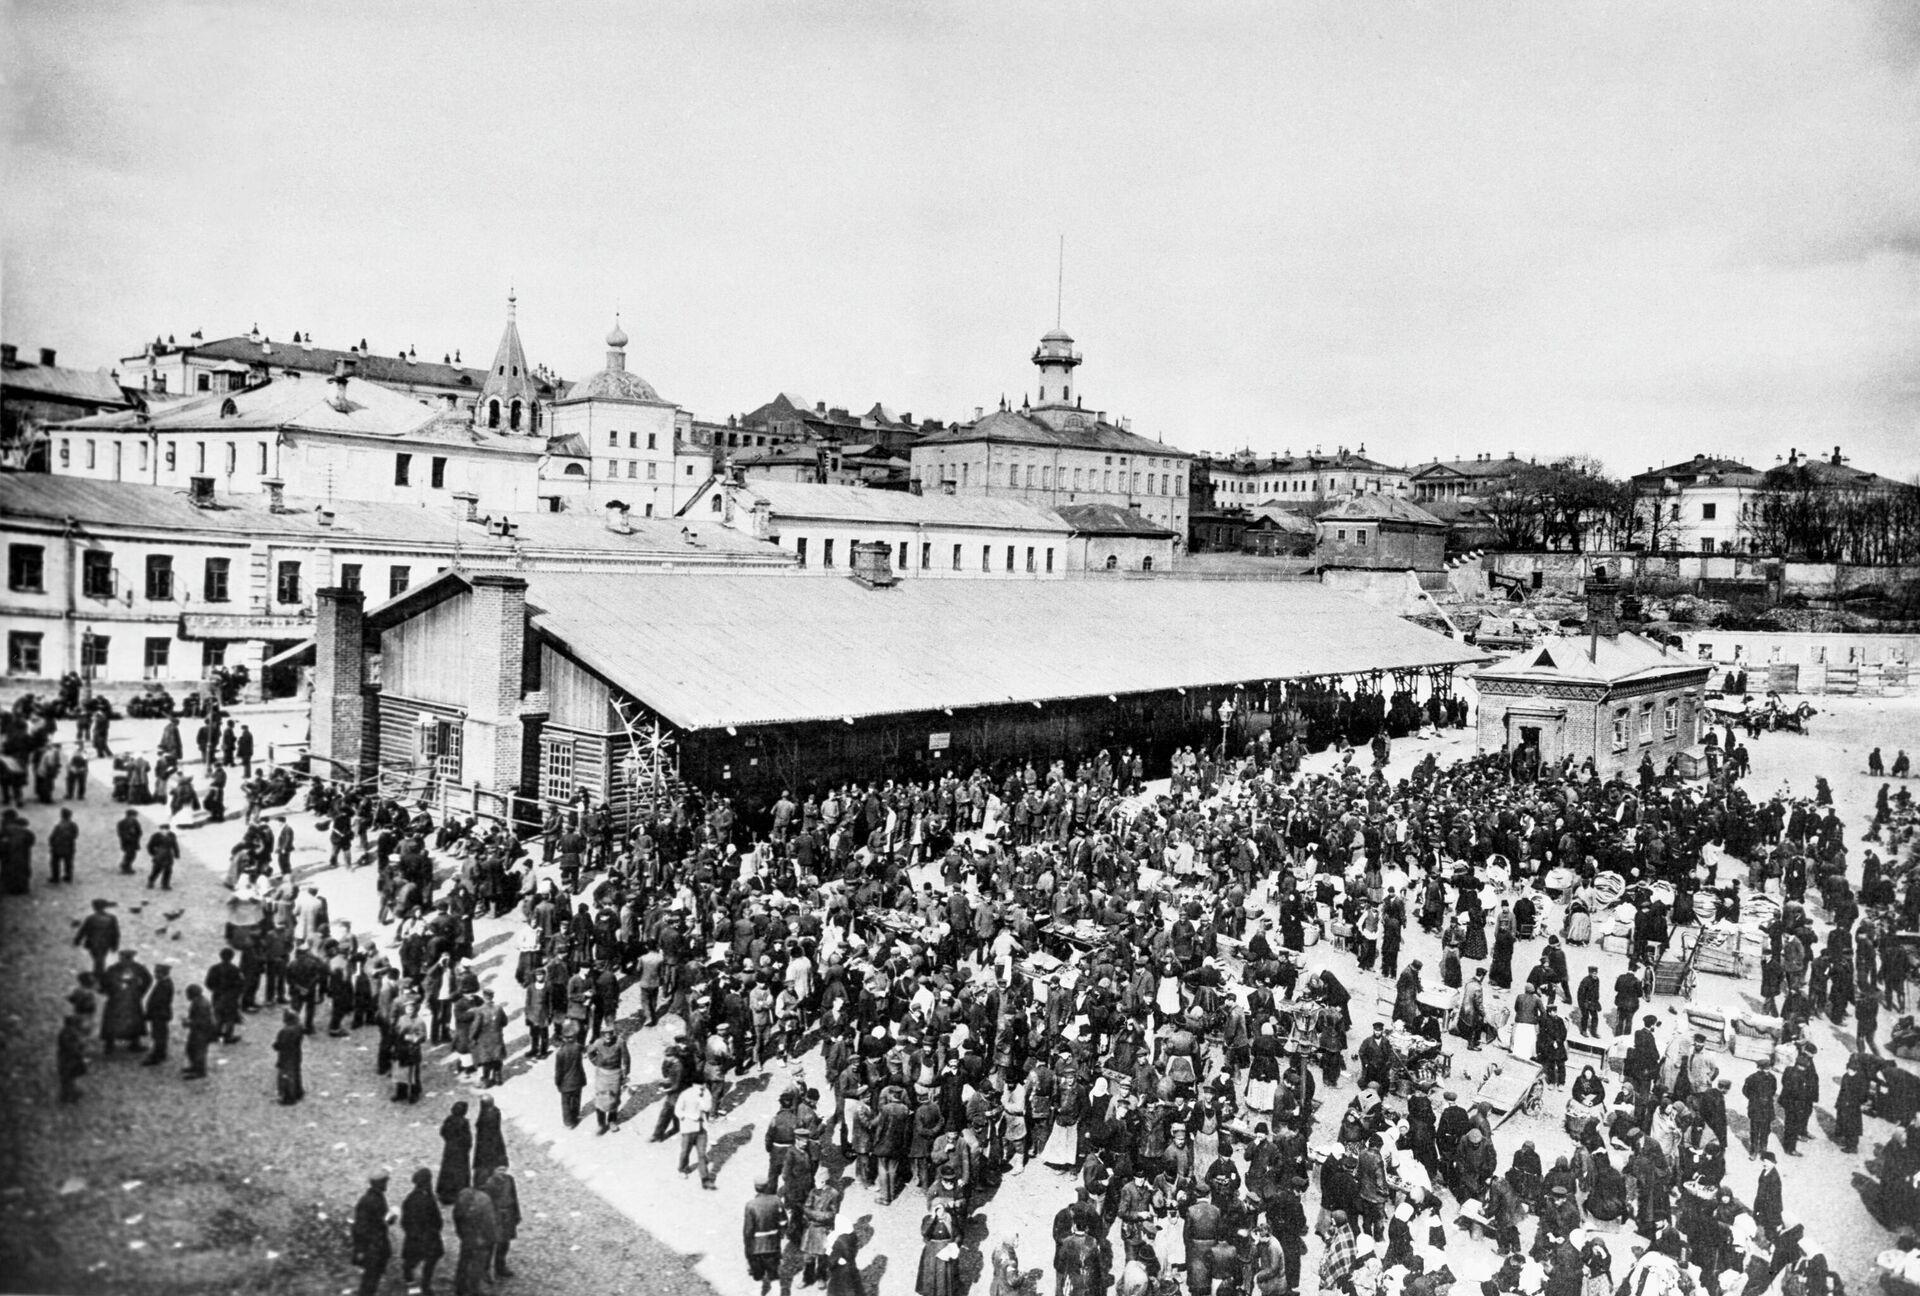 Биржа труда и народная столовая на Хитровом рынке, 1913 год. - РИА Новости, 1920, 08.09.2021